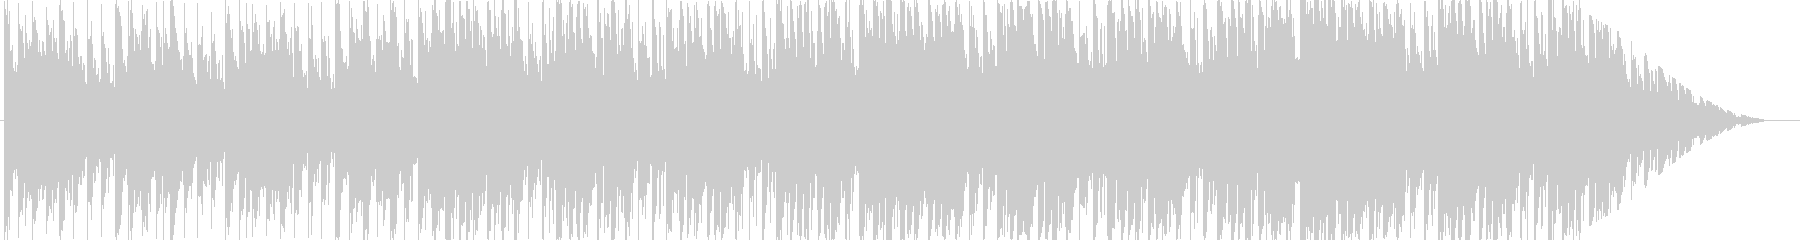 ジングル - ディープハウスの未再生の波形